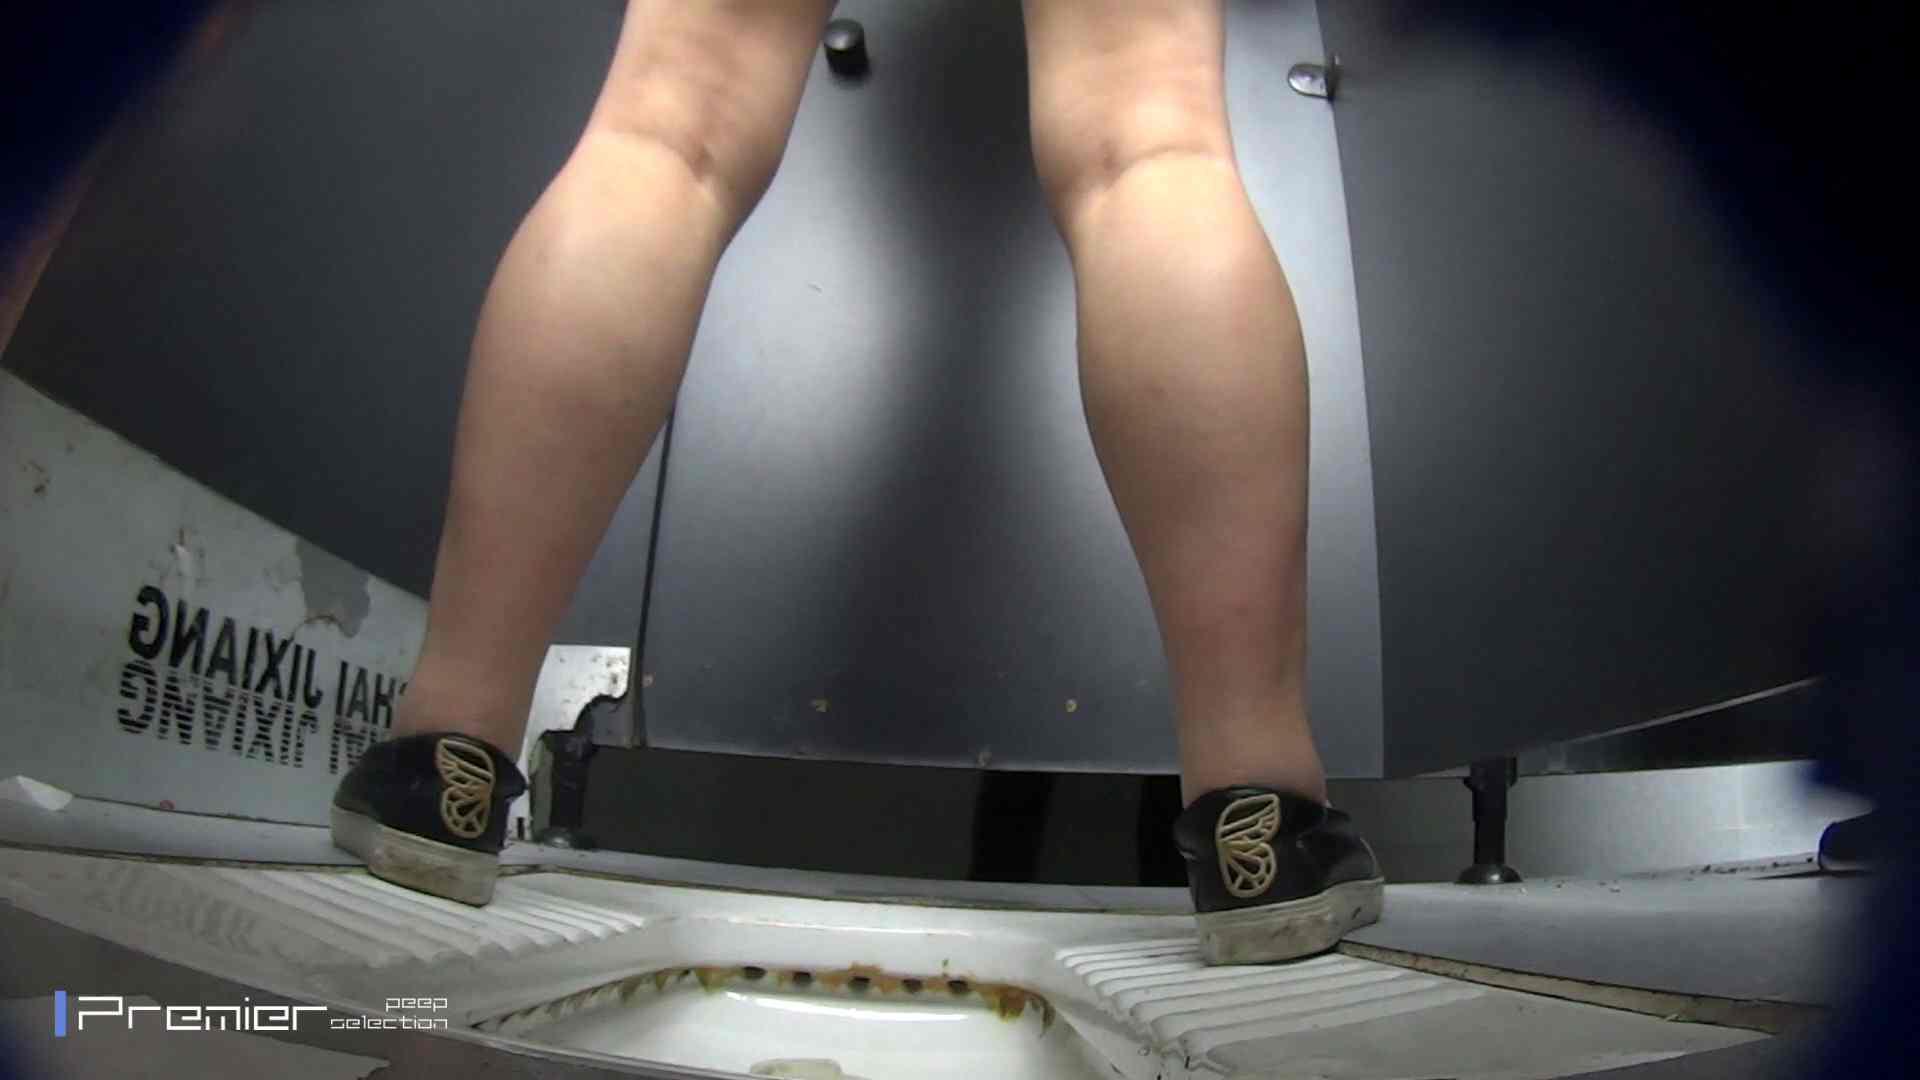 びゅーっと!オシッコ放出 大学休憩時間の洗面所事情47 洗面所 オマンコ動画キャプチャ 104画像 17